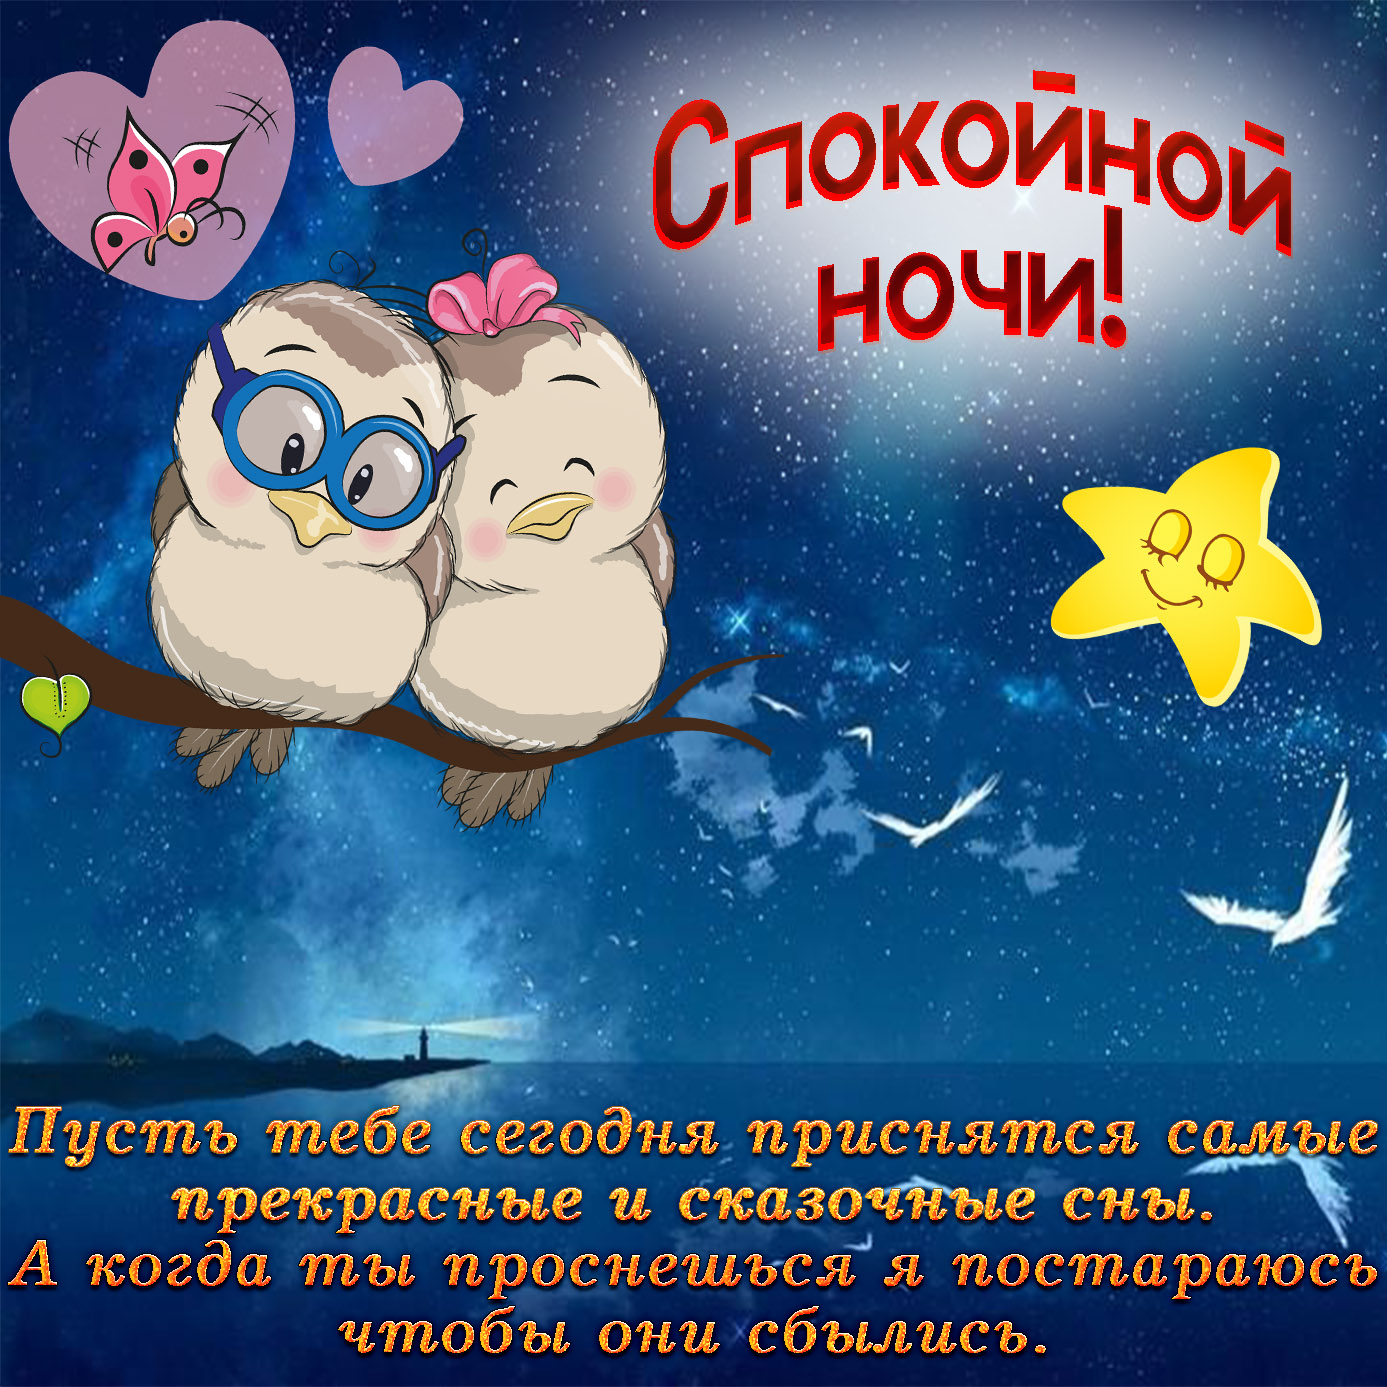 Красивые смешные картинки с надписями спокойной ночи